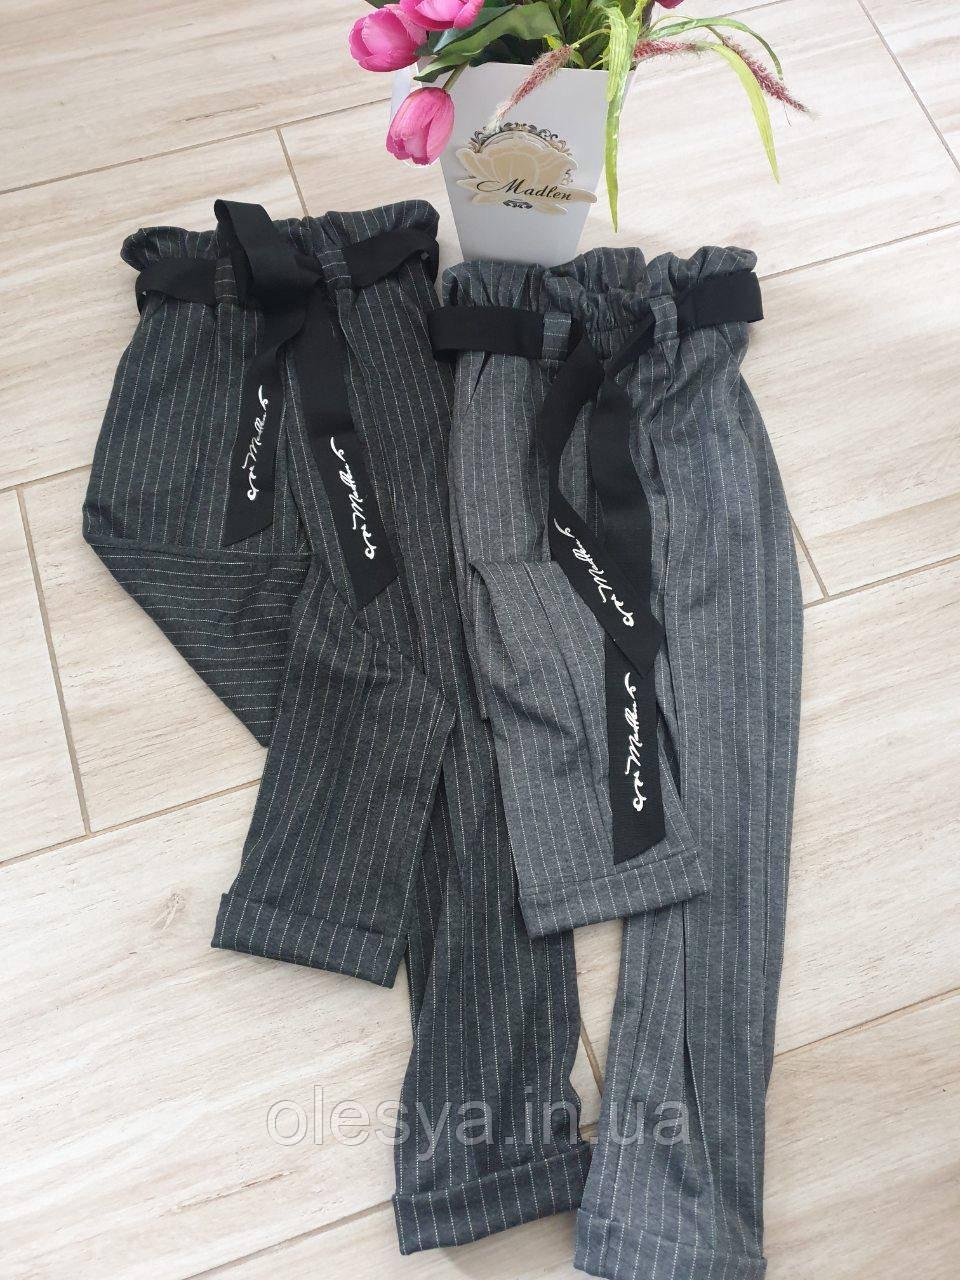 Брюки школьные модные с завышенной талией, со стрелками размеры 134- 152